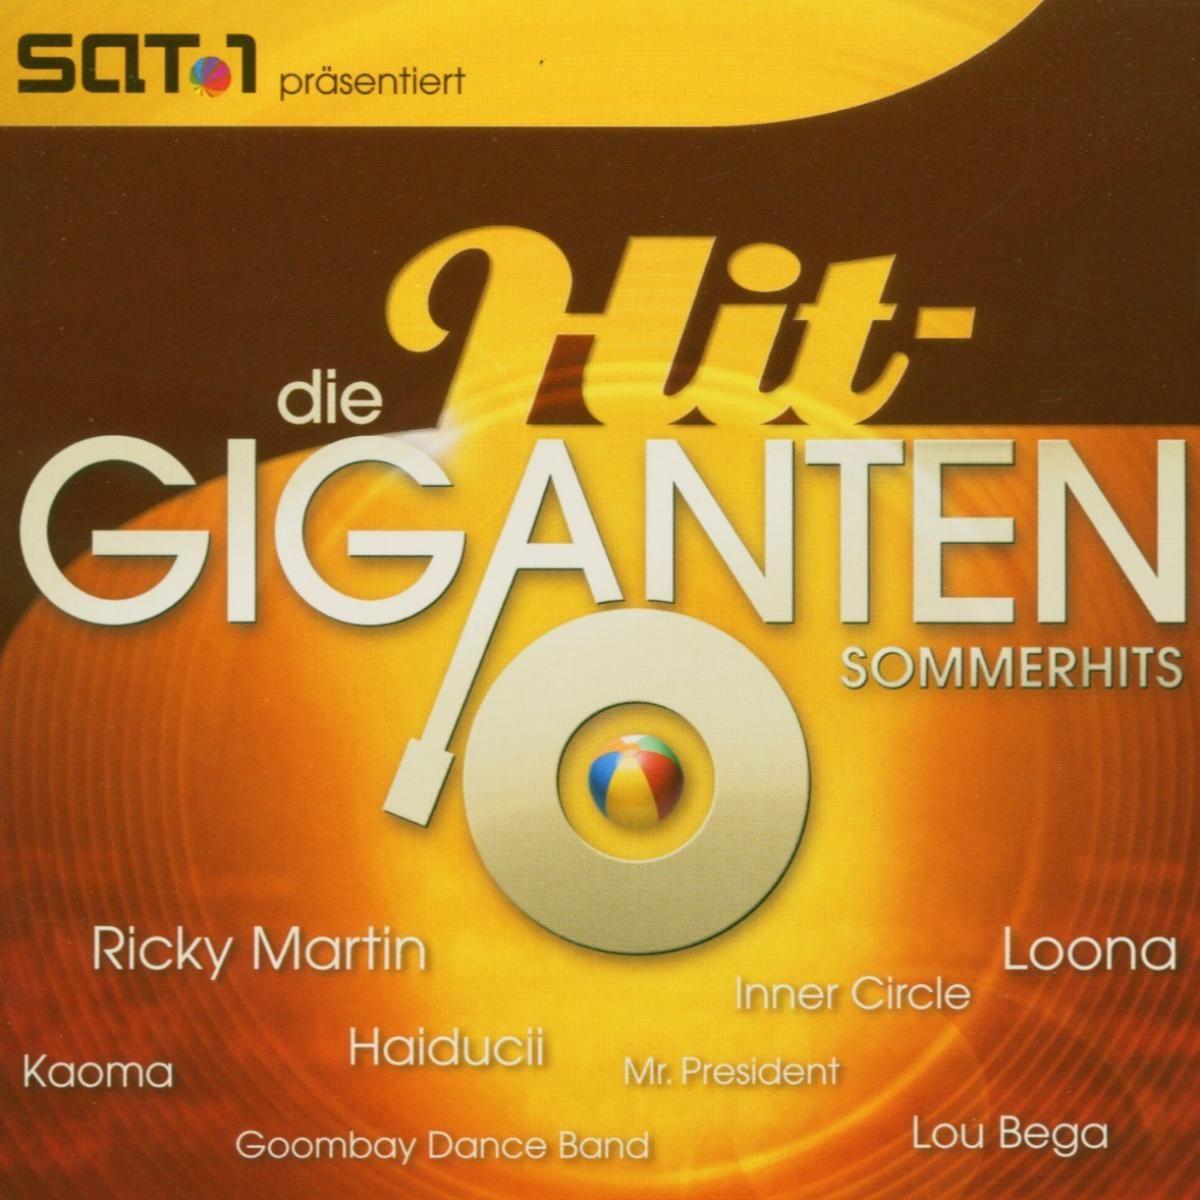 Hit Giganten Weihnachten.Ultratop Be Die Hit Giganten Sommerhits